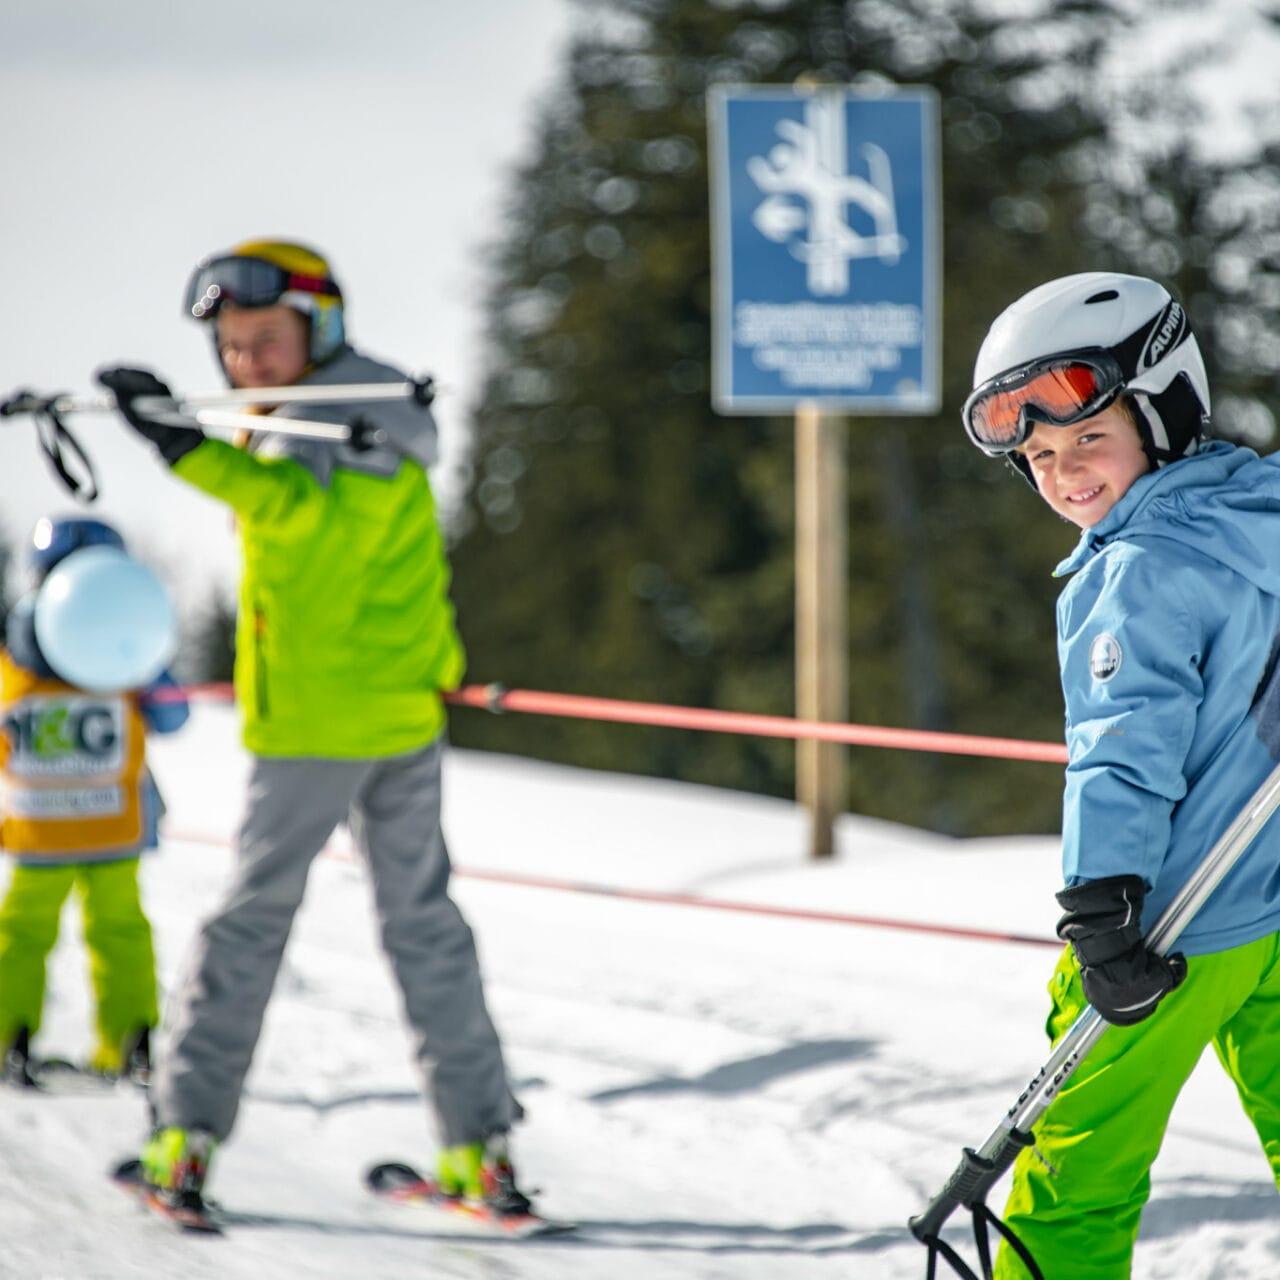 Hofgut-wagrain-apartment-lifestyle-resort-erleben-im-winter-familienwinter-skifahren-mit-Kindern